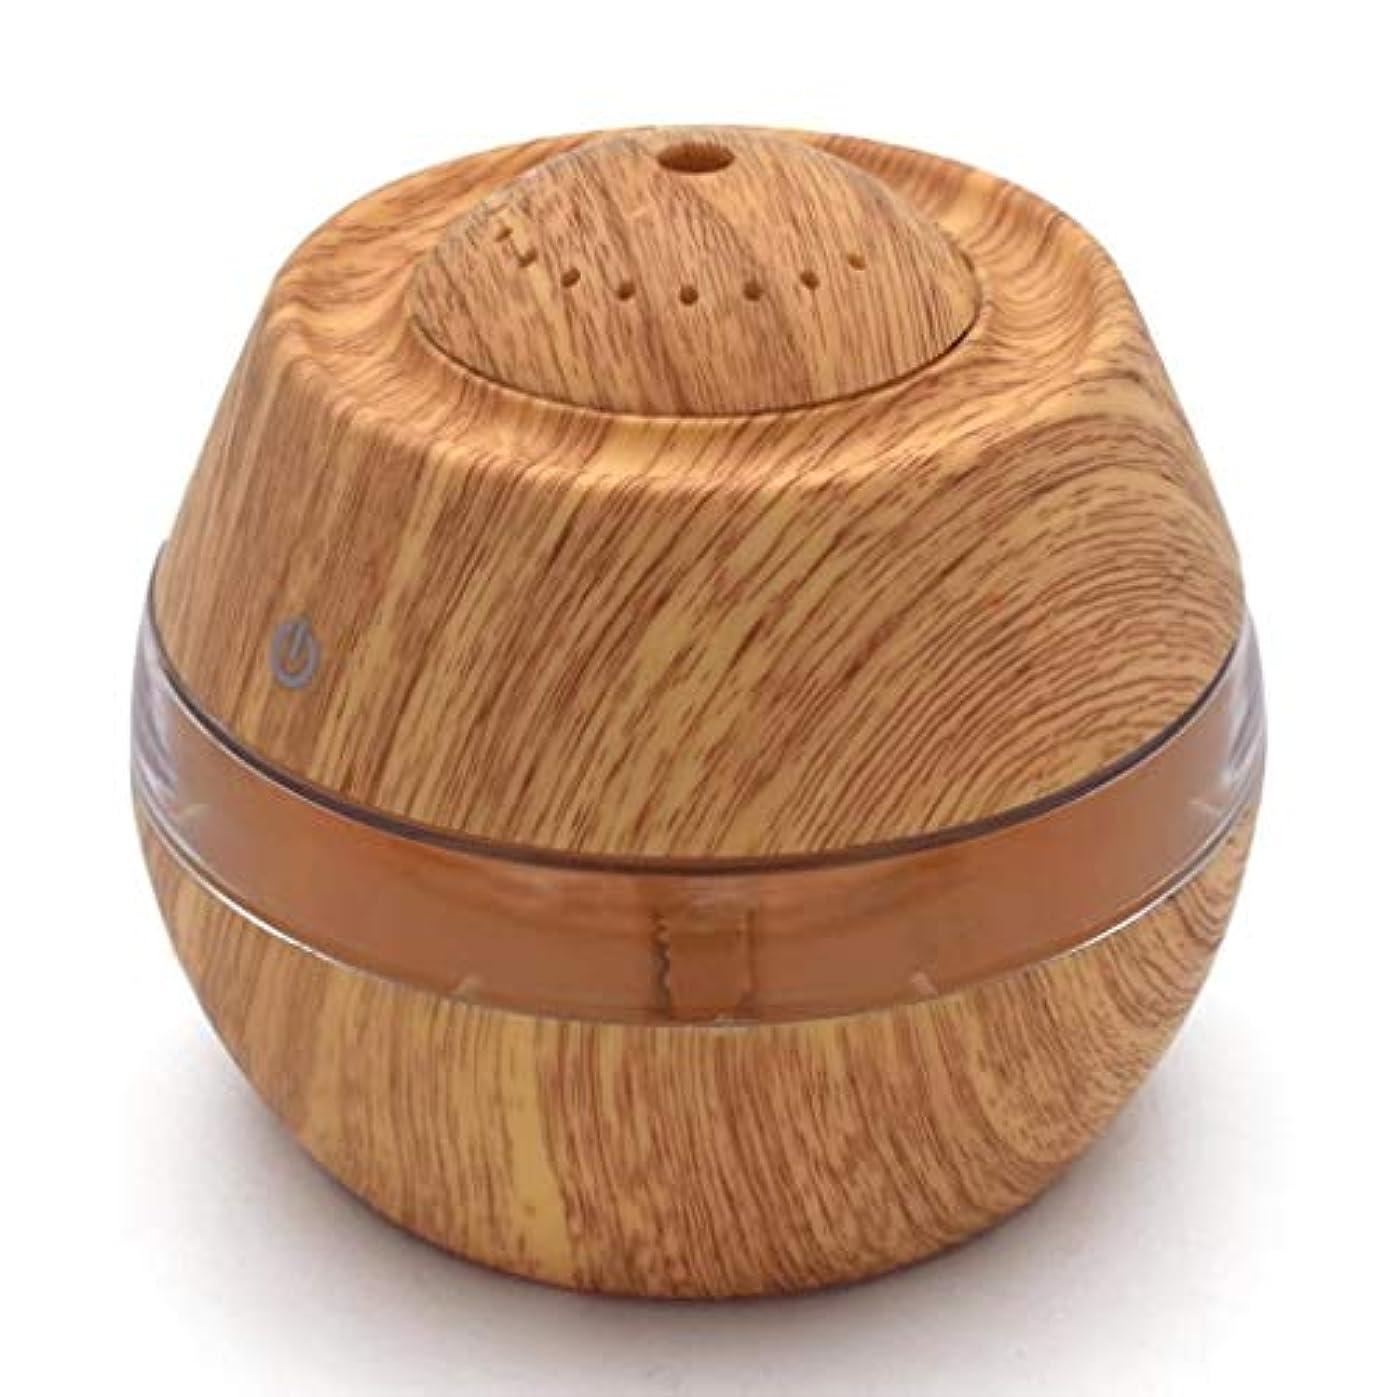 眠り音声学がっかりするオイルディフューザーエッセンシャルオイル300ミリリットルエッセンシャルオイルディフューザー電気超音波加湿器アロマ用ベビールームホームスパギフト用女性 (Color : Light Wood Grain)